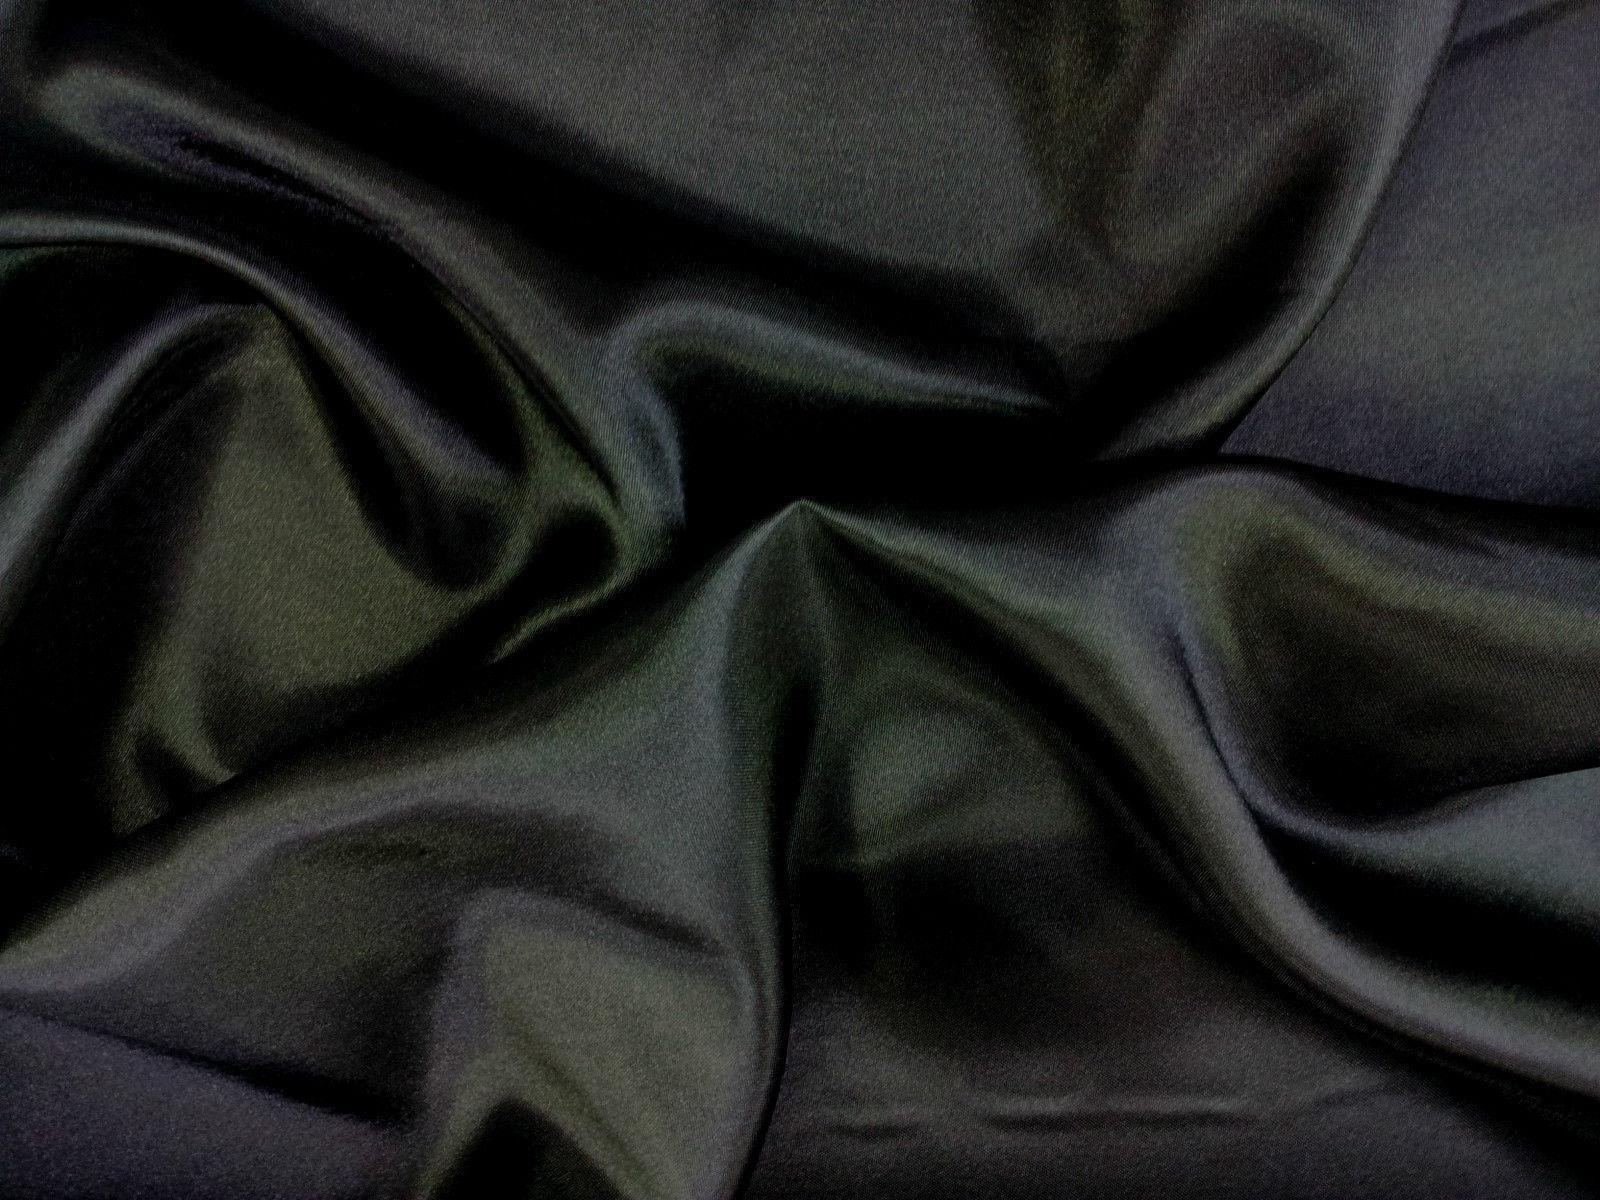 Materiál satín - Obrázok č. 4